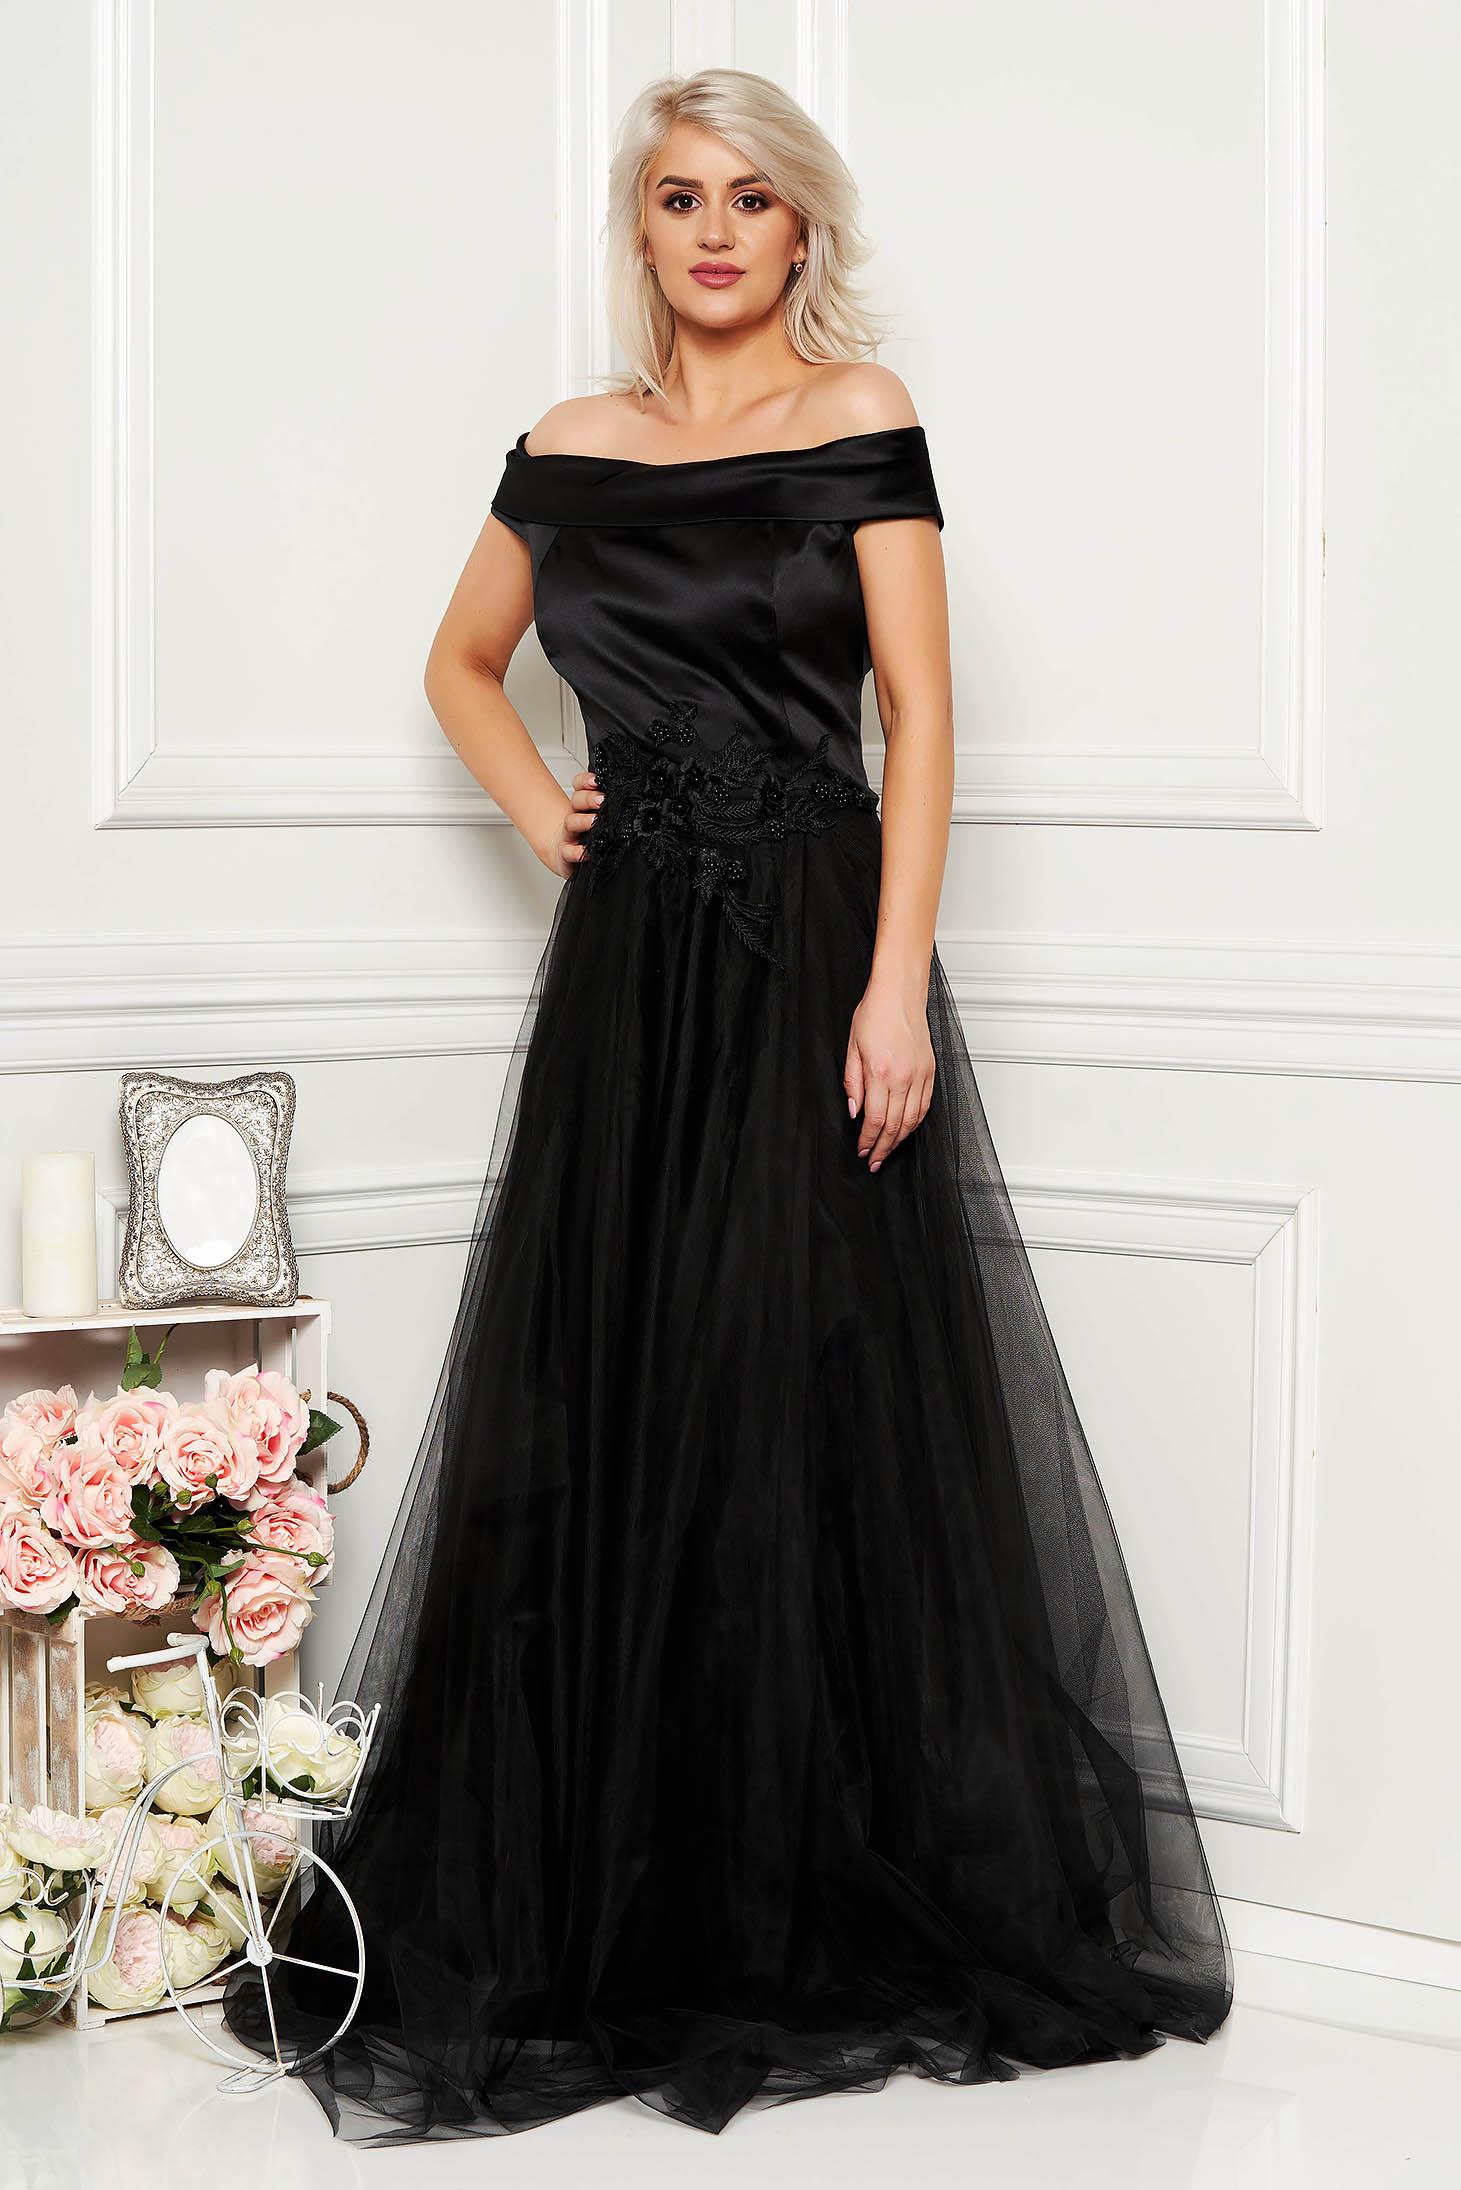 Fekete Artista alkalmi ruha tüll és szatén anyagból csipke és gyöngy díszítéssel és béléssel